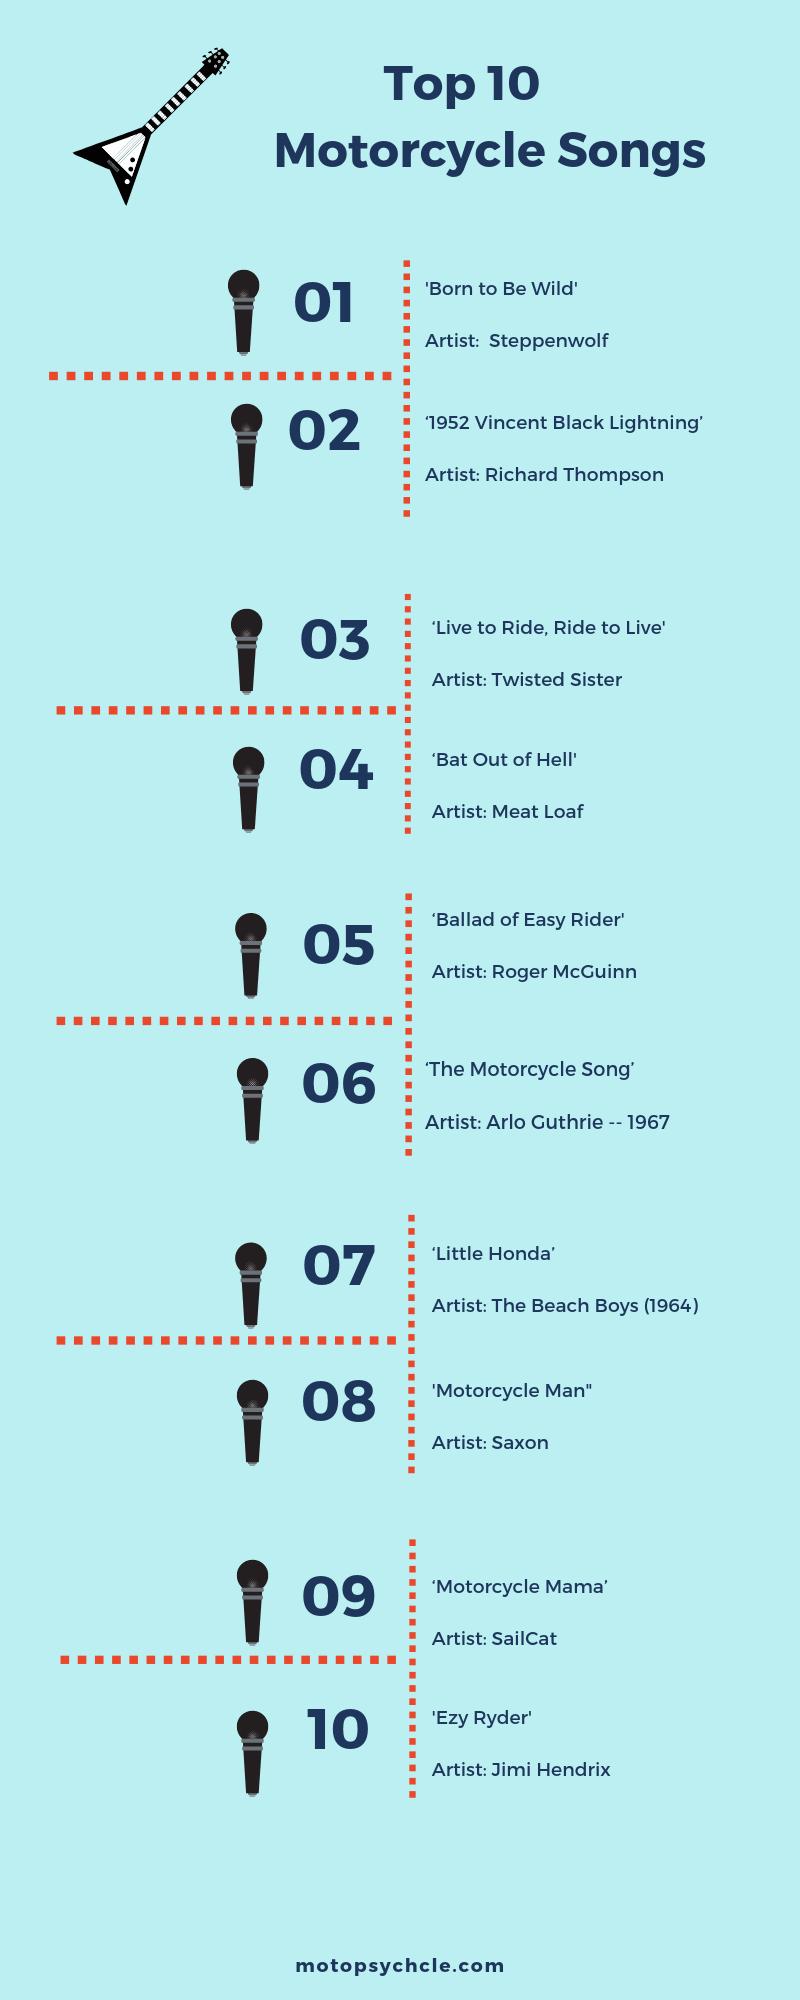 Top 10 Motorcycle Songs